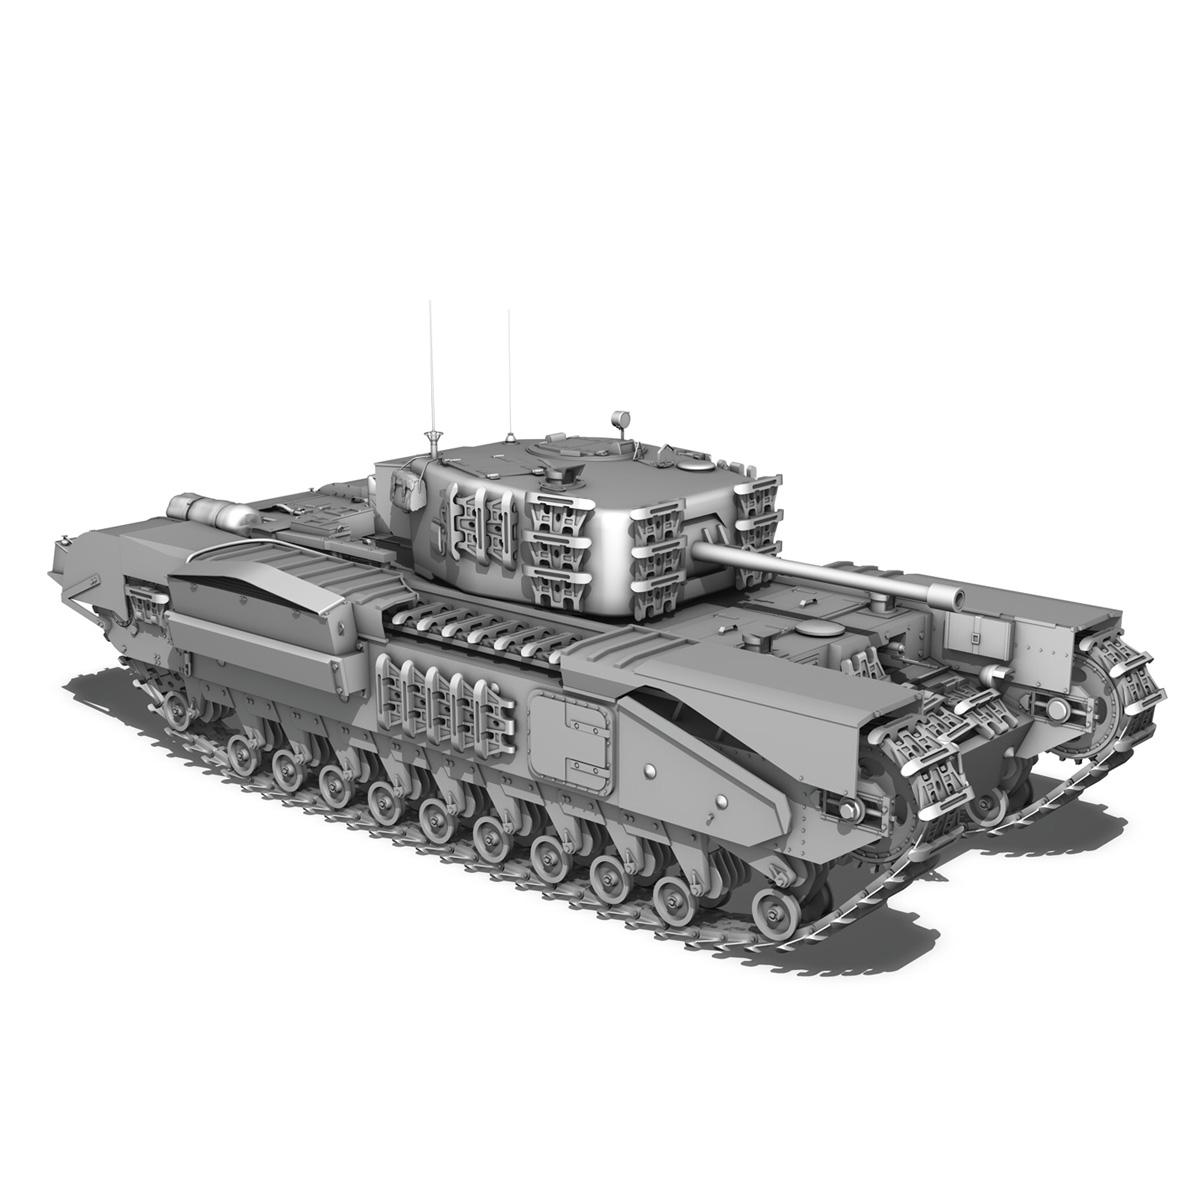 Churchill mk.iv - t68457 3d modelis 3ds fbx c4d lwo obj 271986